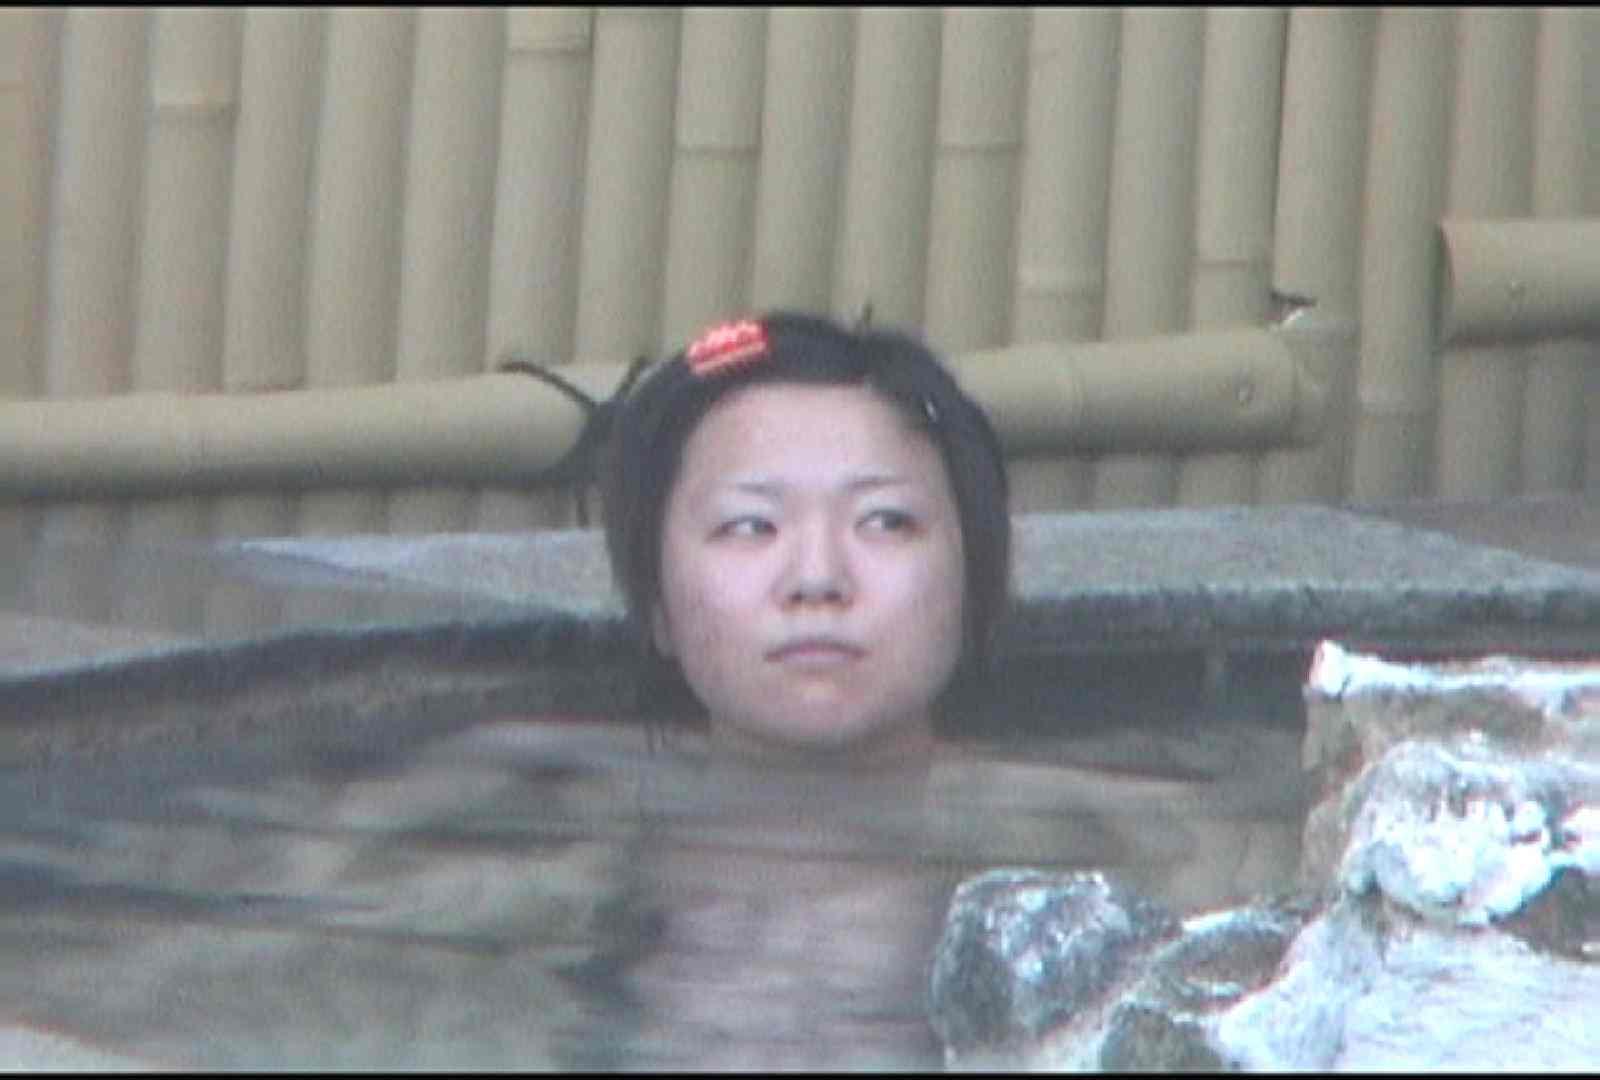 Aquaな露天風呂Vol.175 0  51pic 46